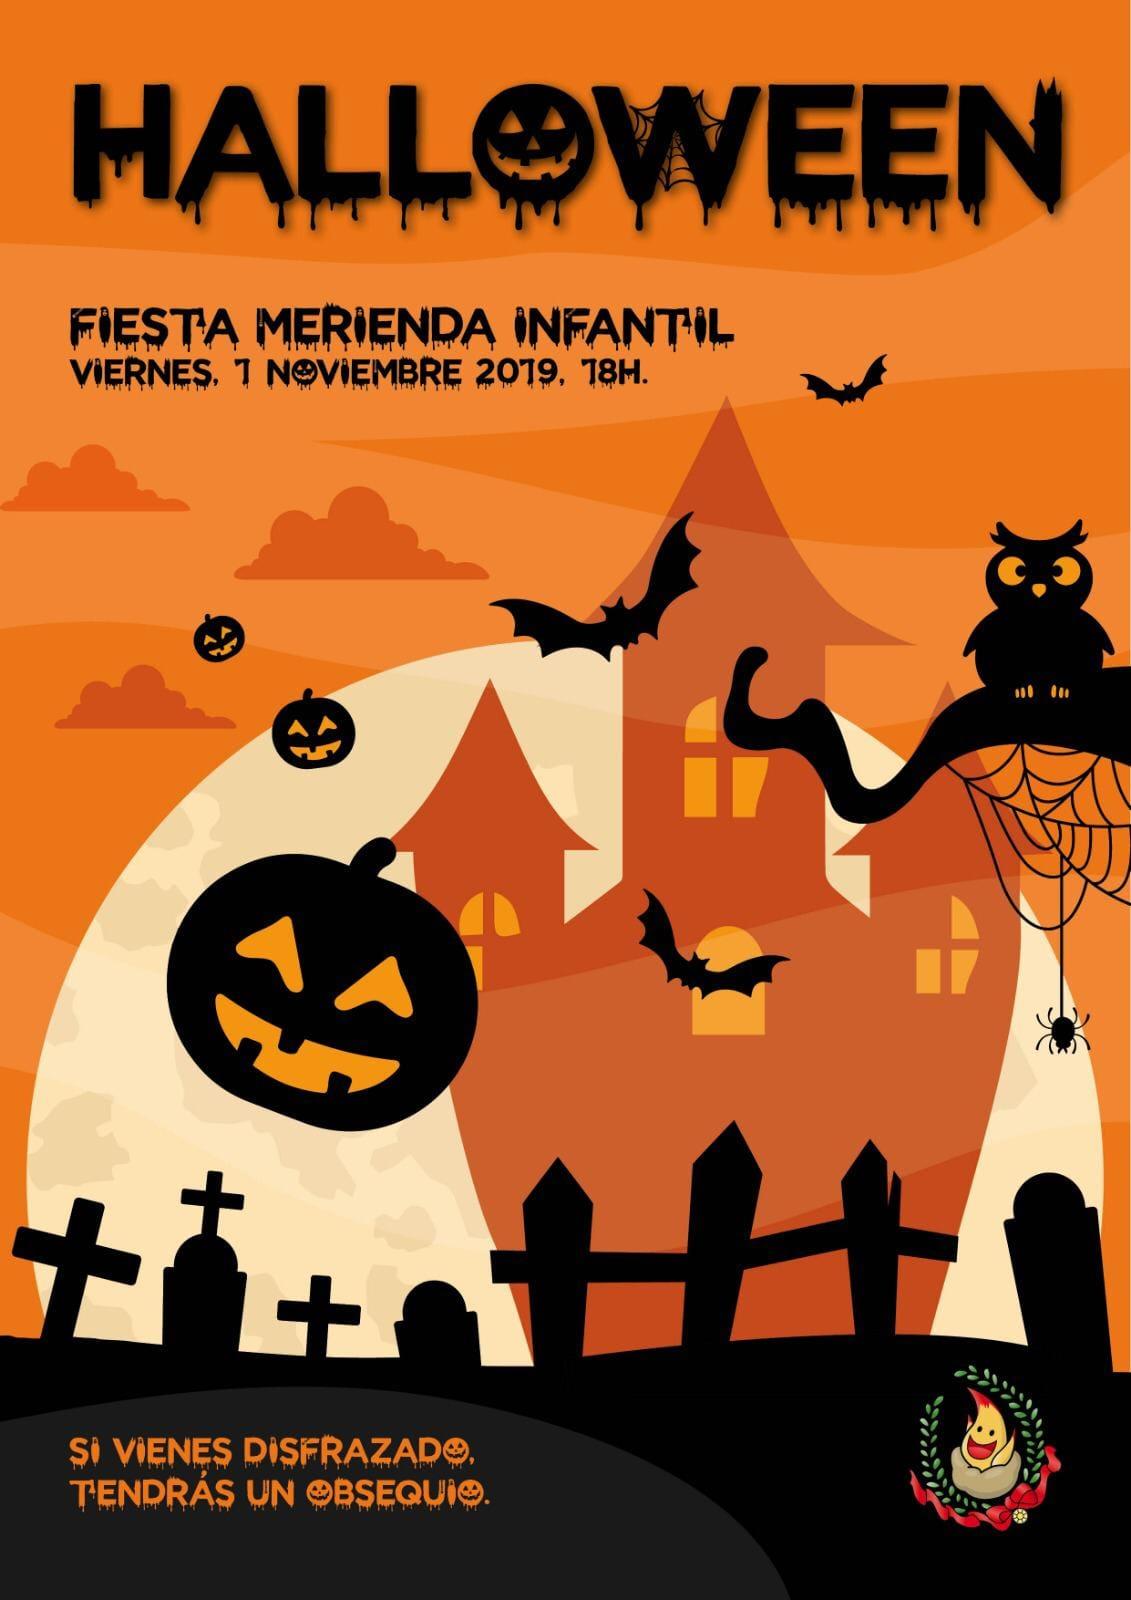 fiesta-halloween-peques-2019